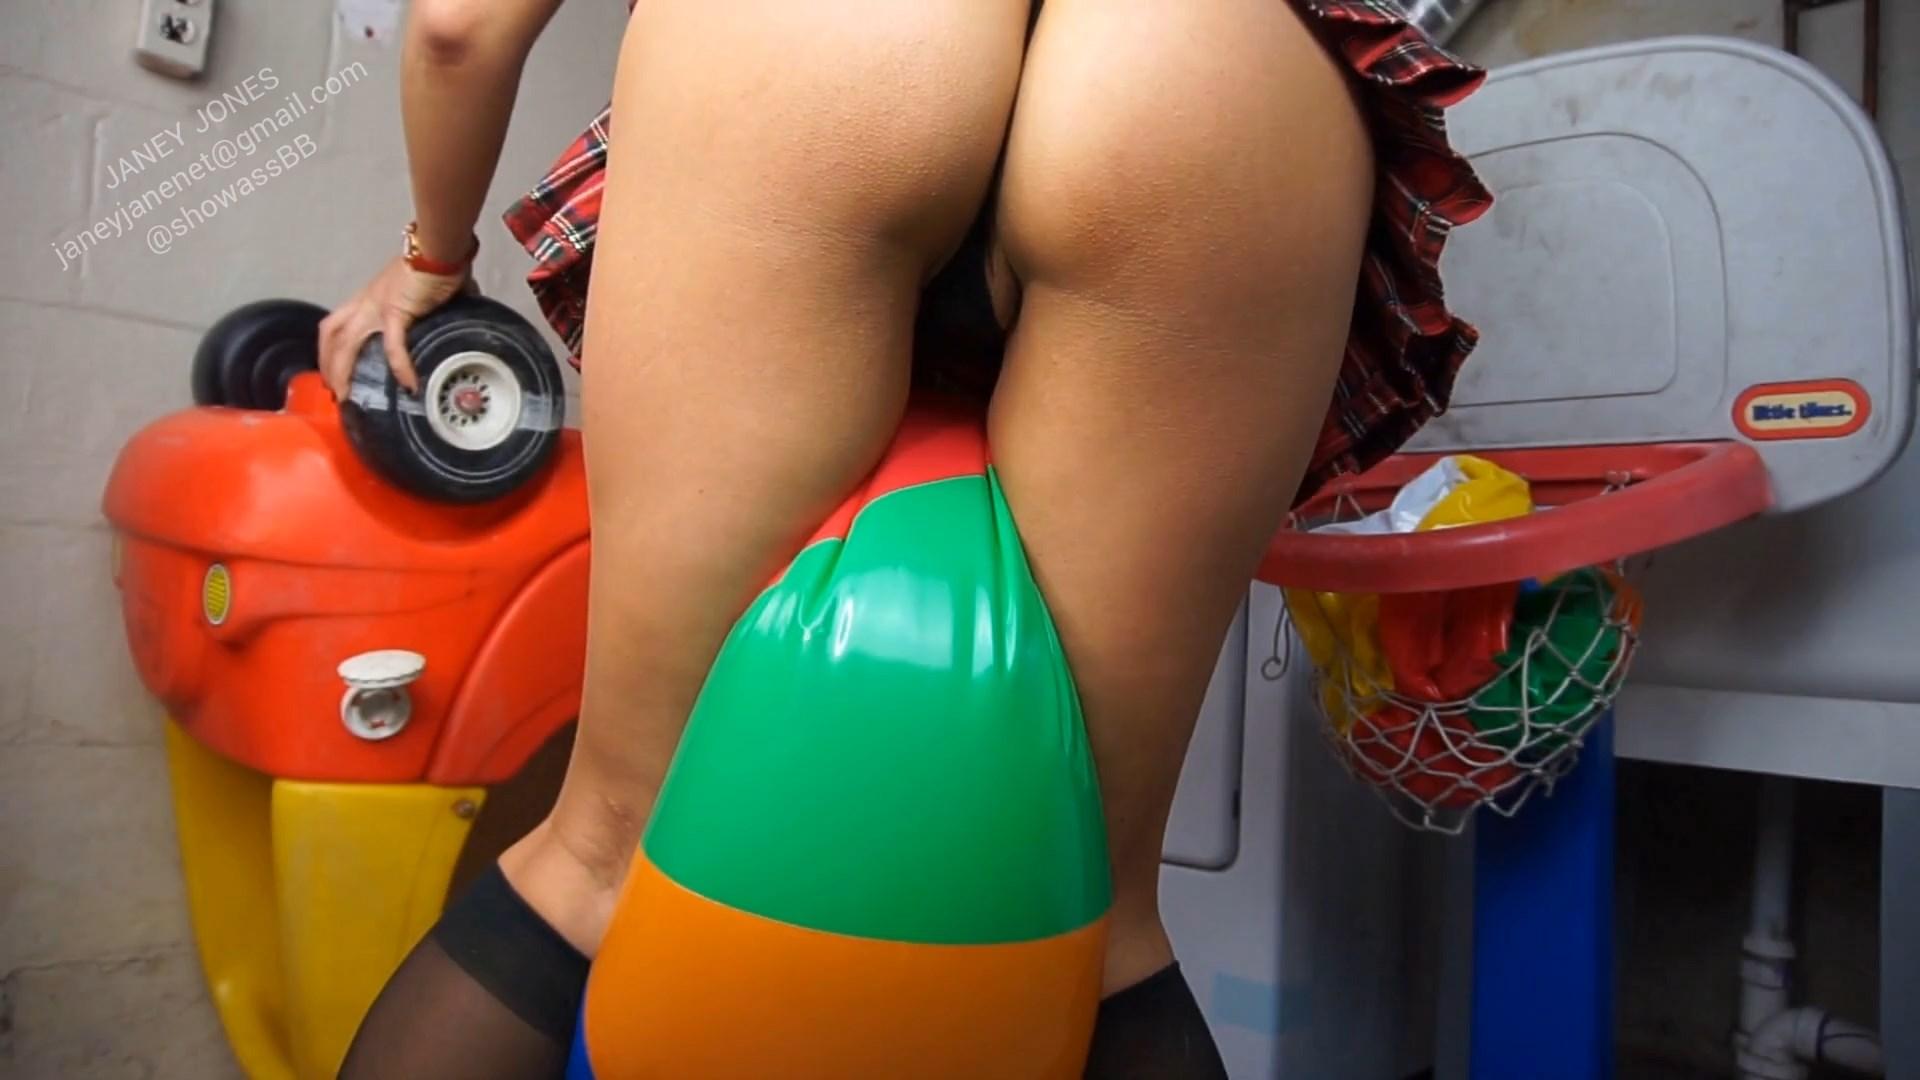 Naughty Babysitter Beach Ball Pop Pt. 2 - High Def Pillow Humping